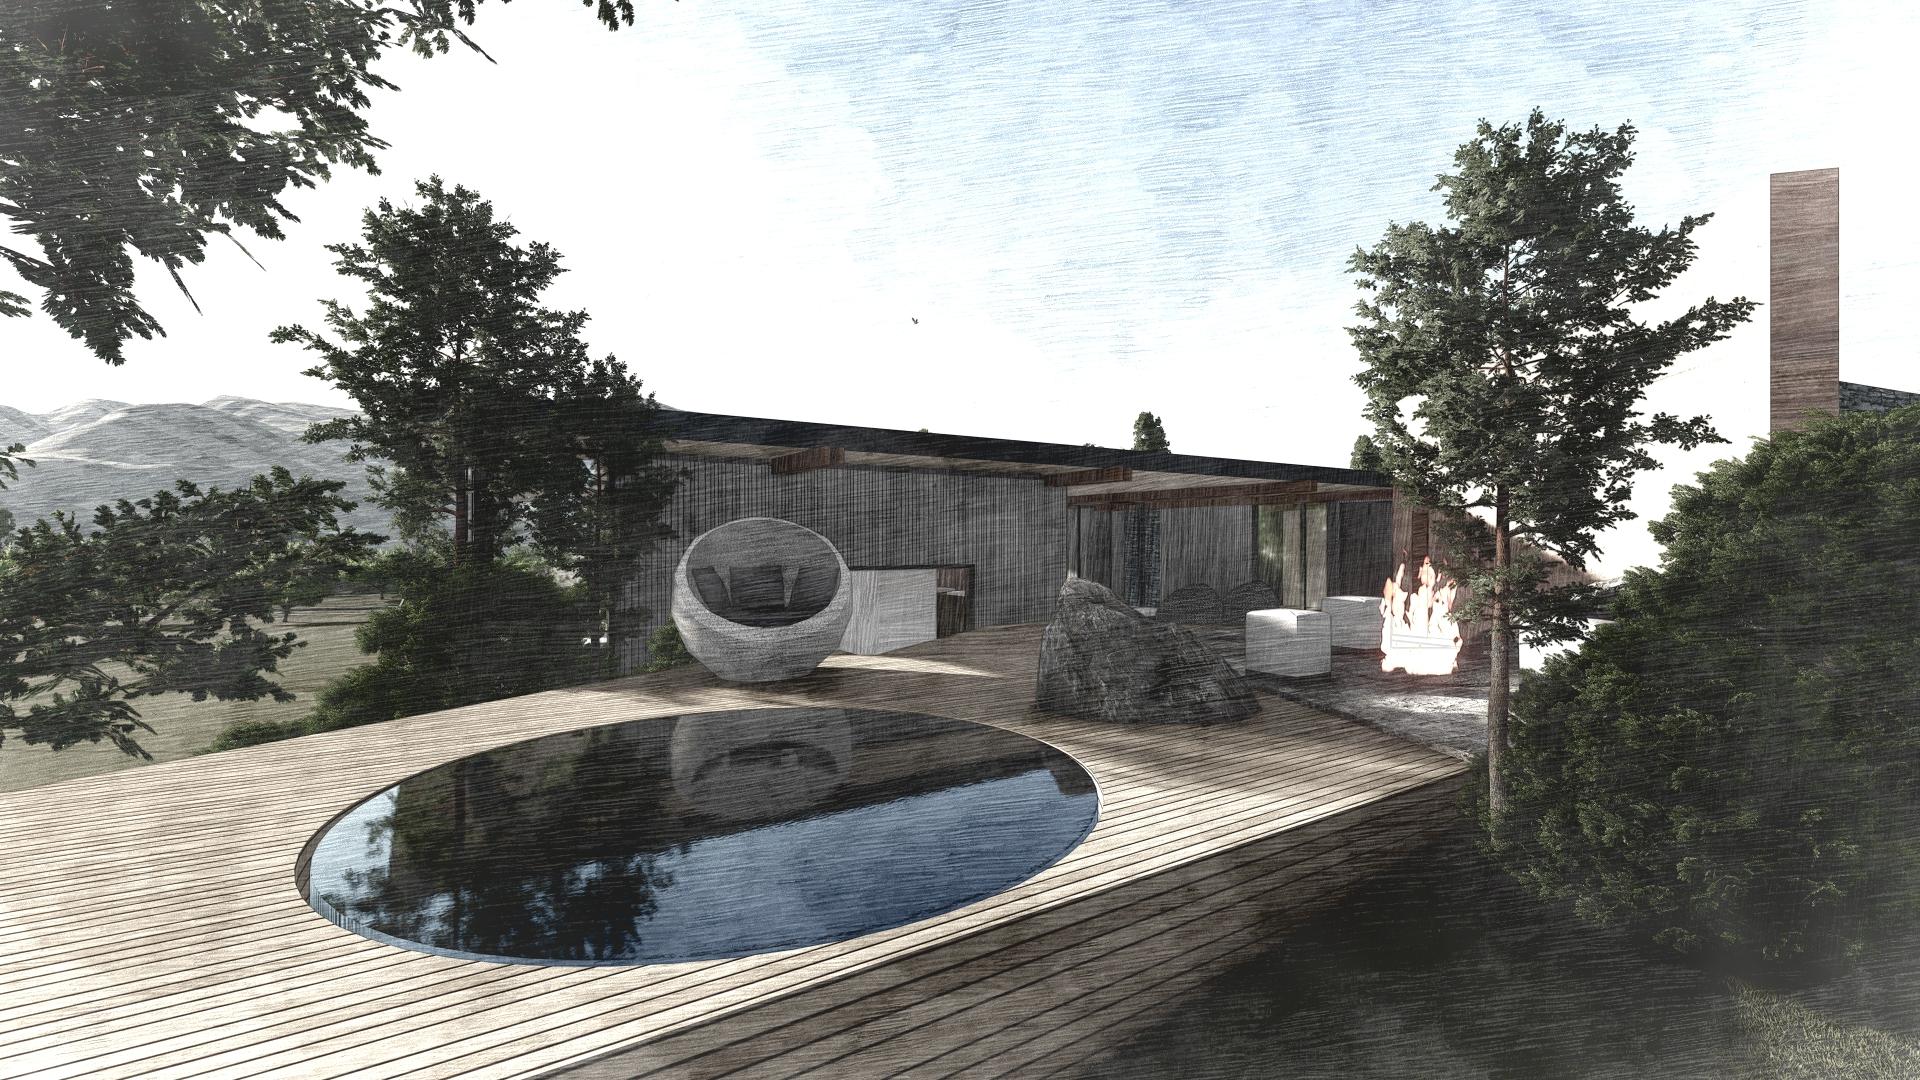 Pool Deck Queenstown New Zealand designed by KoDA